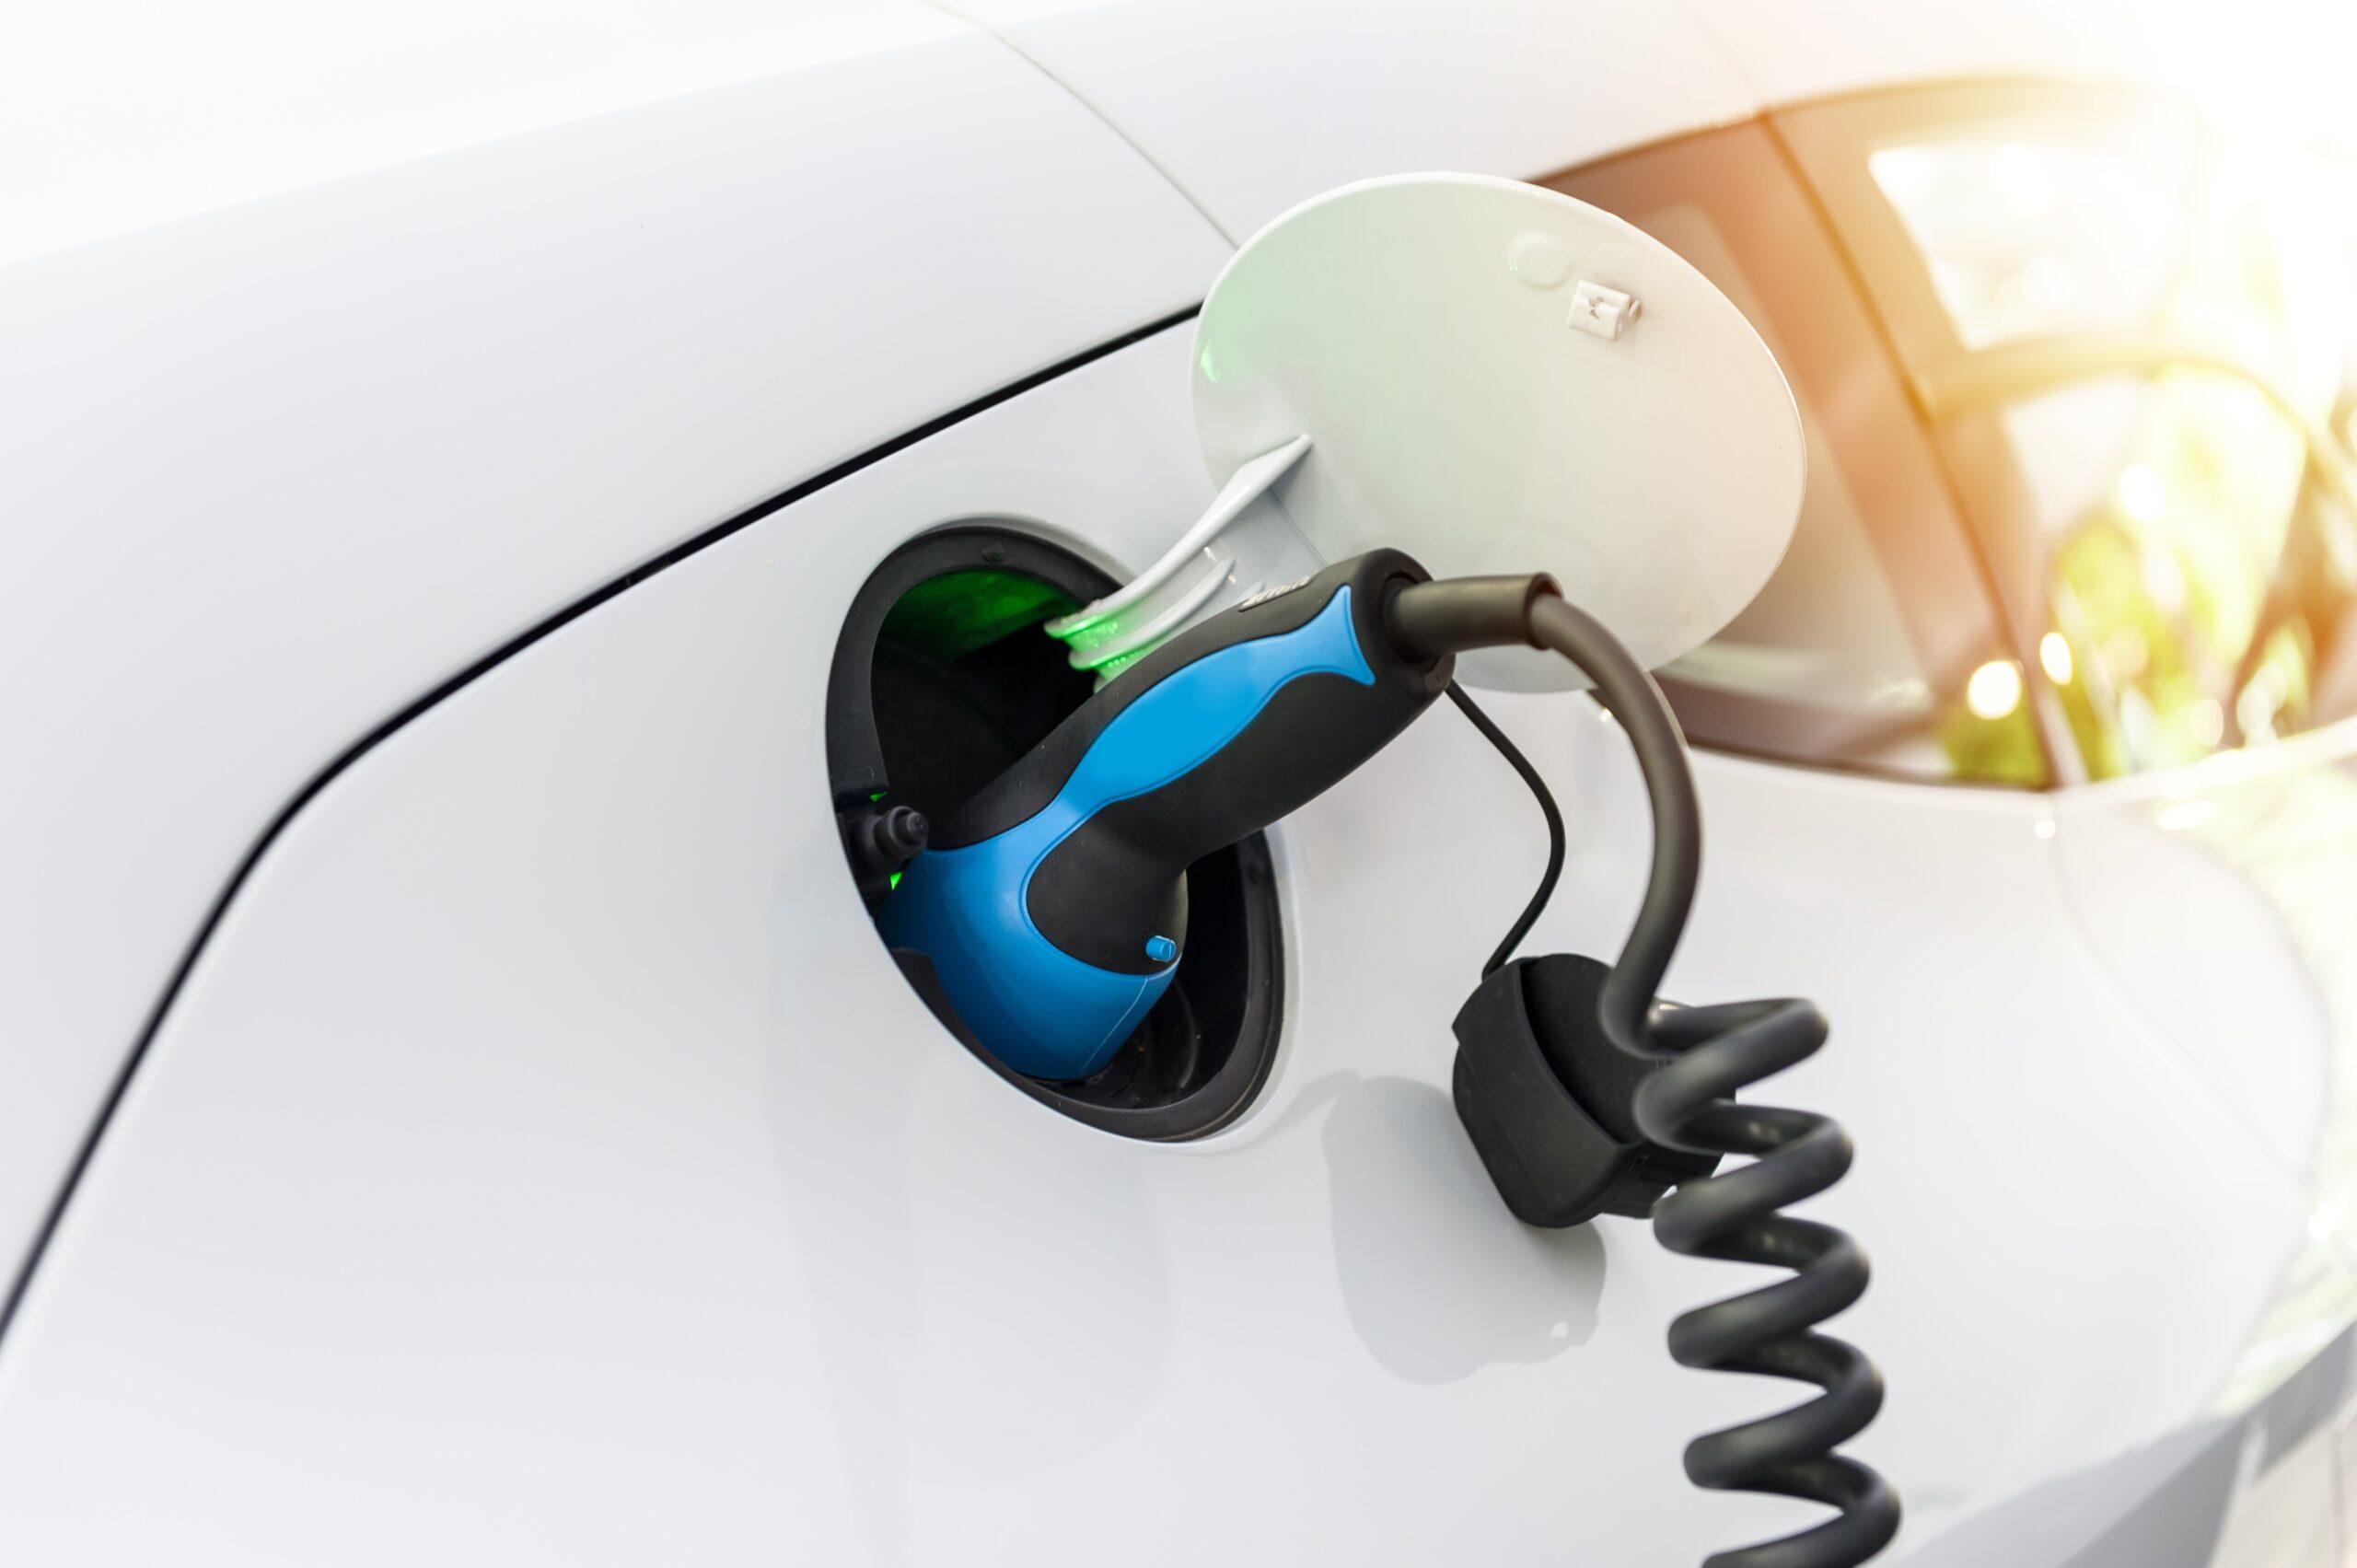 Strømforsyning til opladning af elbiler